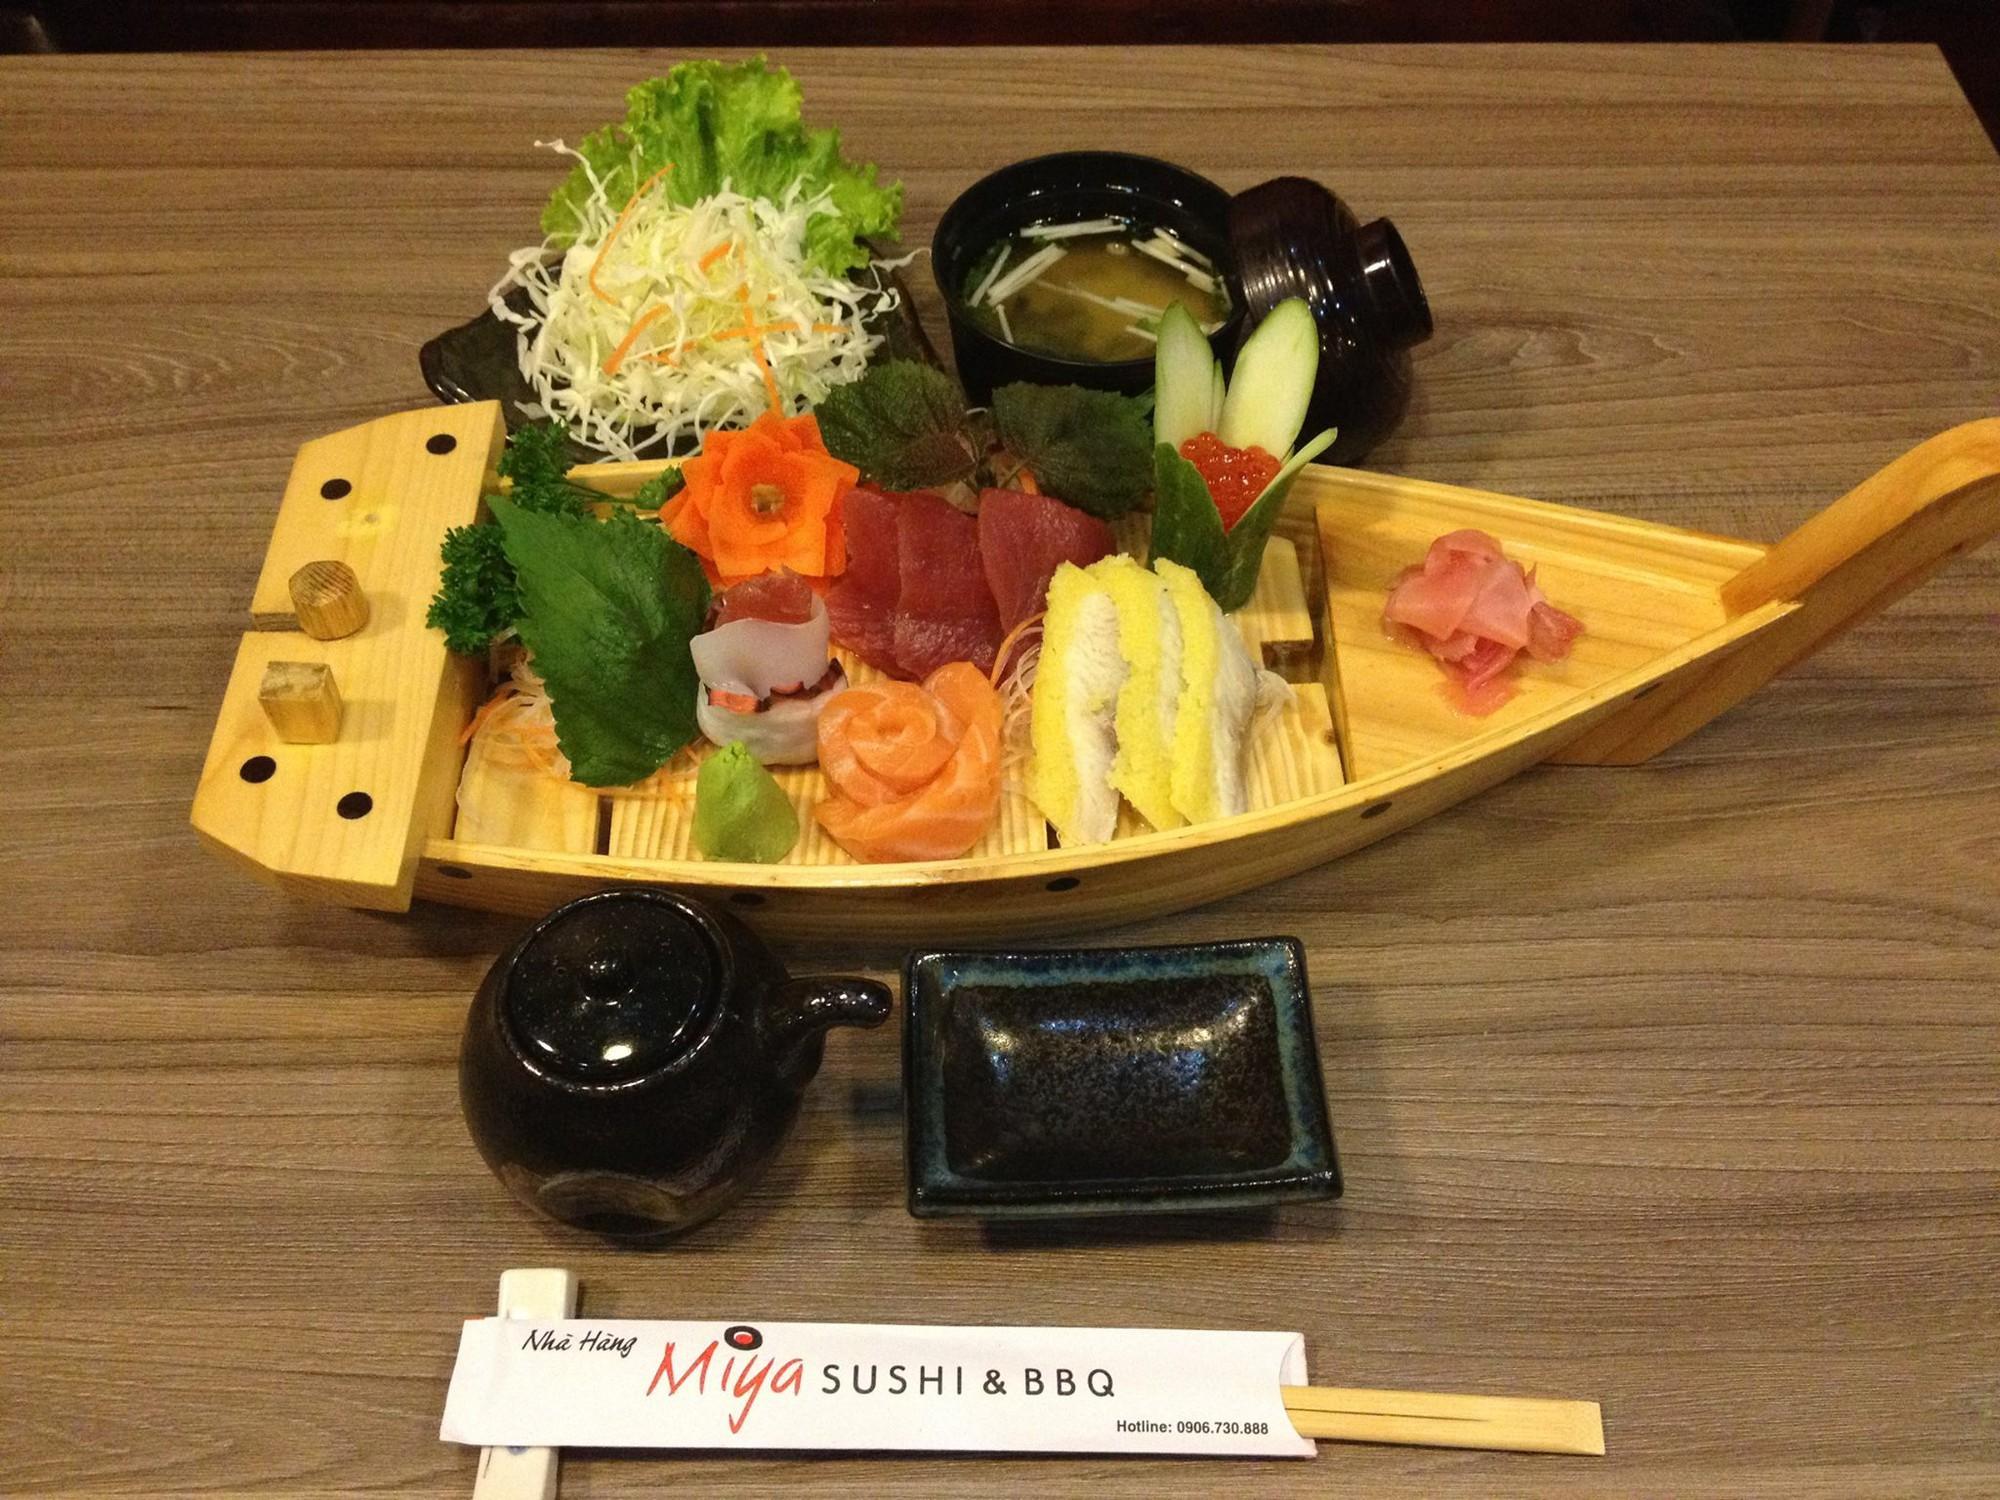 Sài Gòn không thiếu những quán sushi giá rẻ cho mấy ngày xẹp ví mà vẫn thèm ăn sang - Ảnh 5.